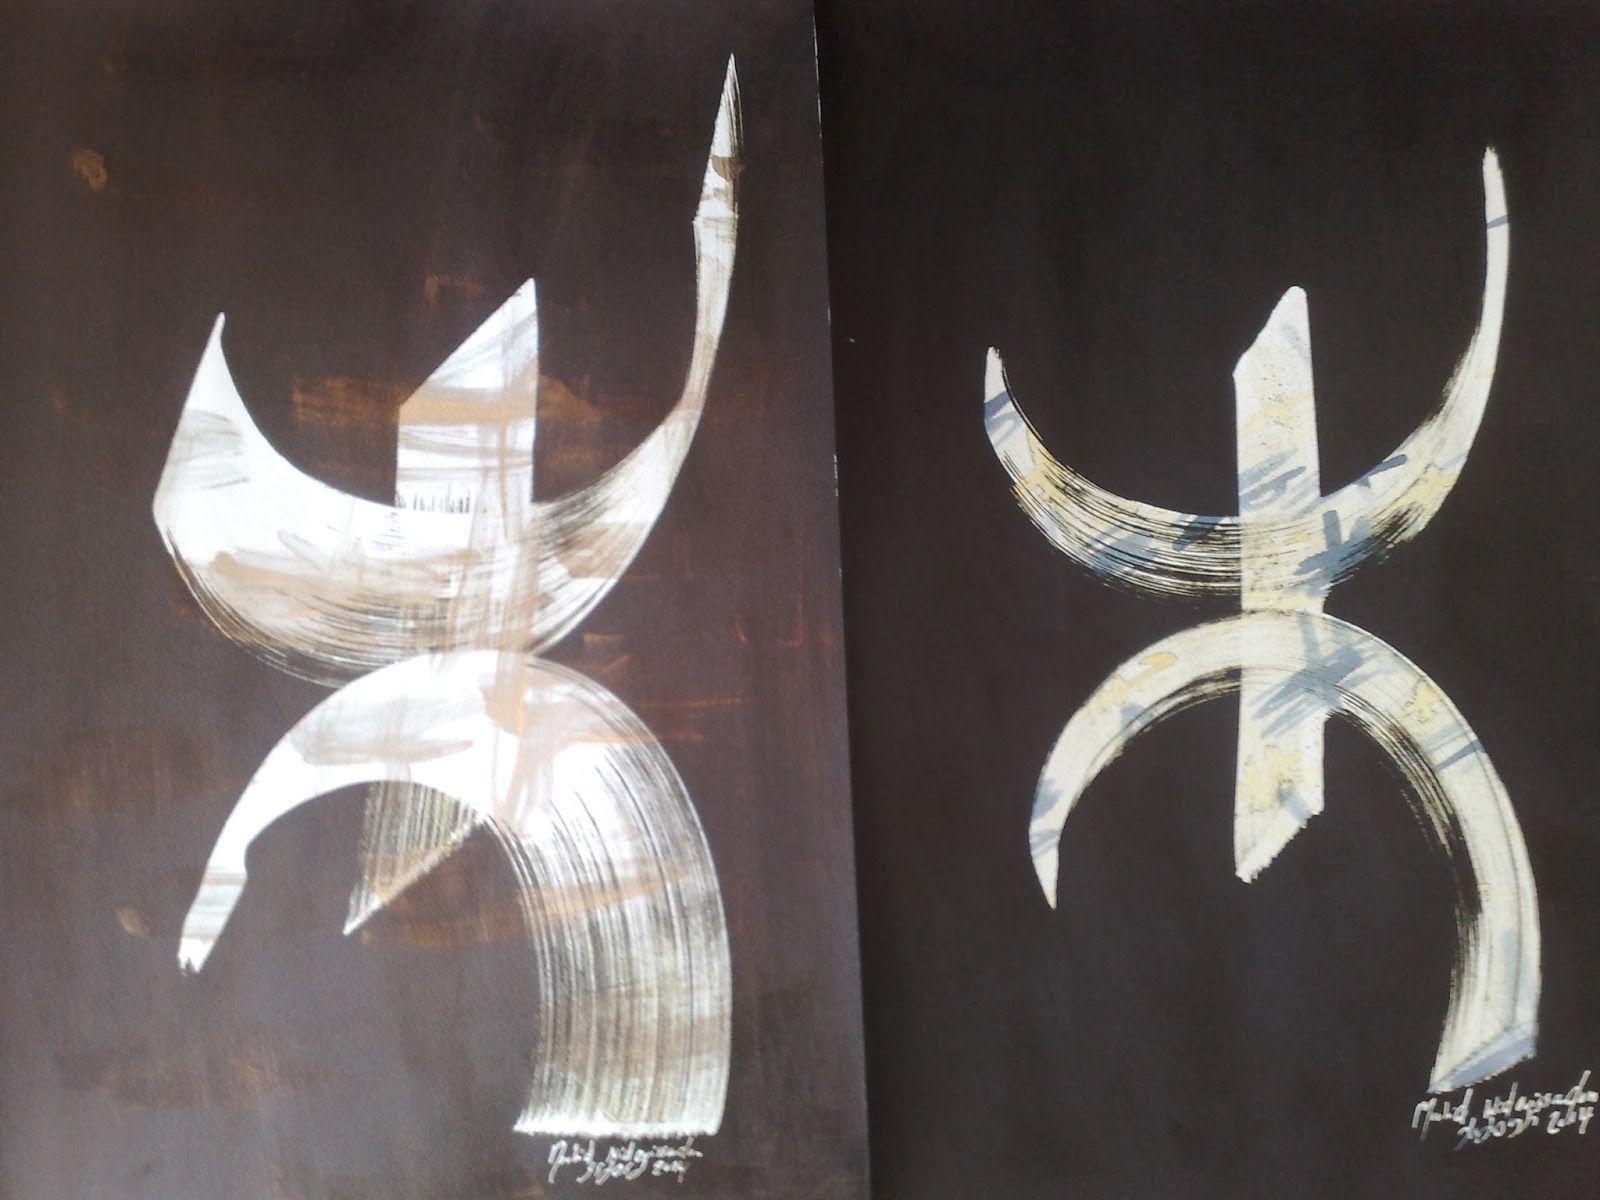 Moulid nid ouissadan po te et calligraphe collection de symbole de la libert des amazighs l - Tatouage symbole liberte ...